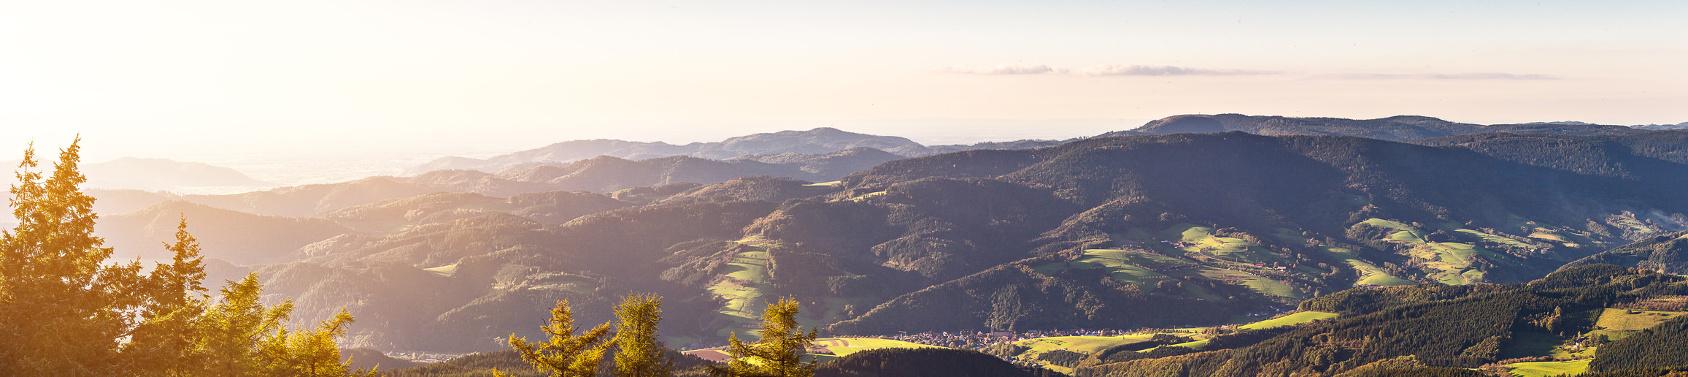 Bild von Schwarzwald-Baar-Kreis